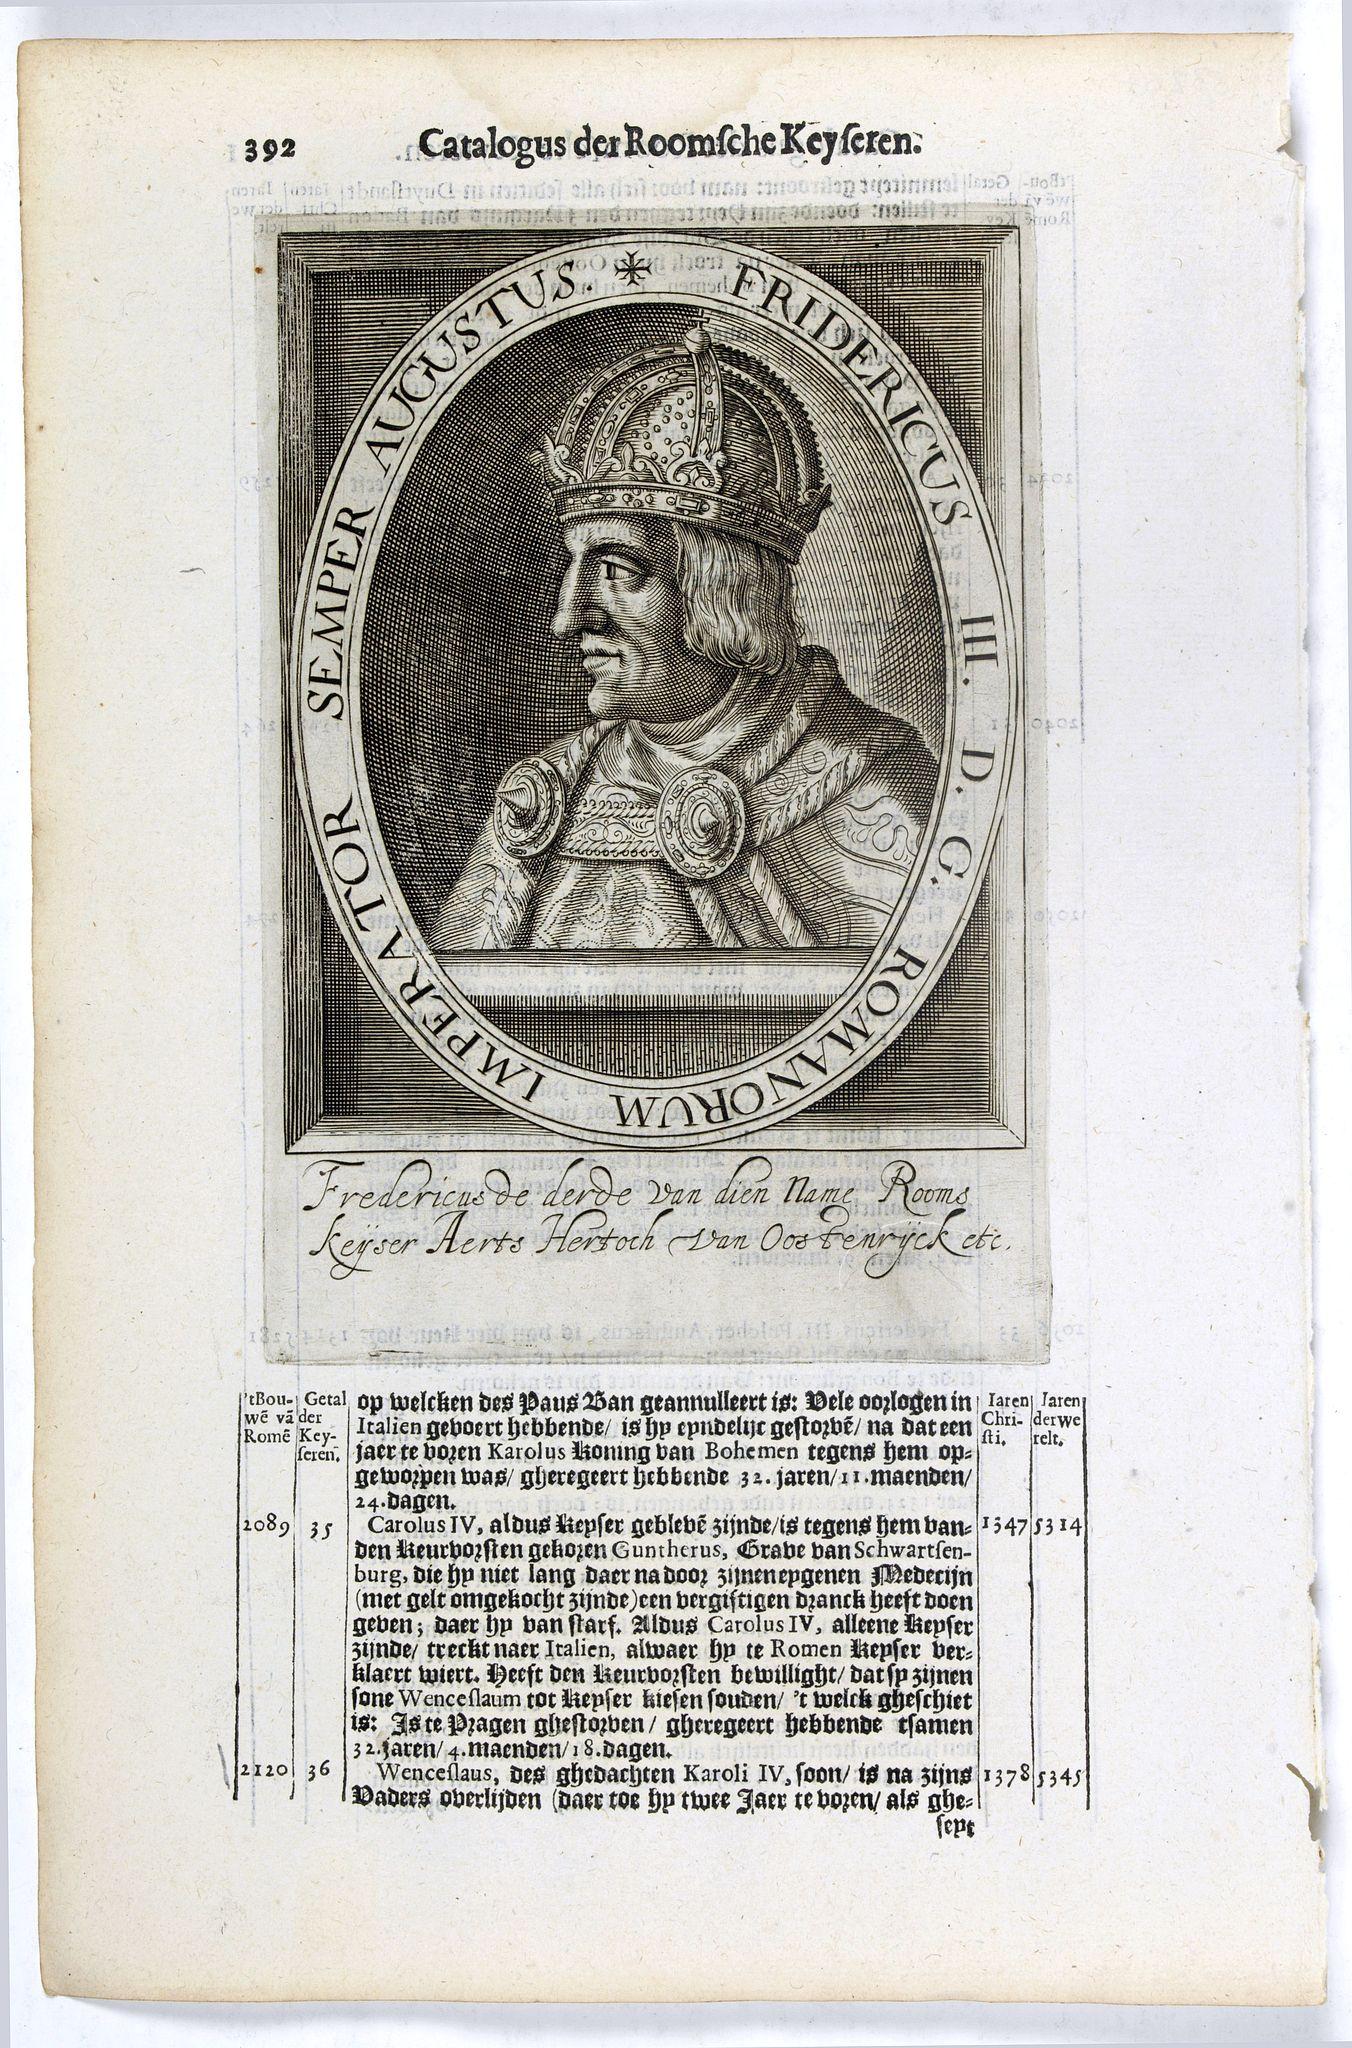 DE CLERCK, N. -  Fridericus III. D. G. Romanorum Imperator Semper Augustus.